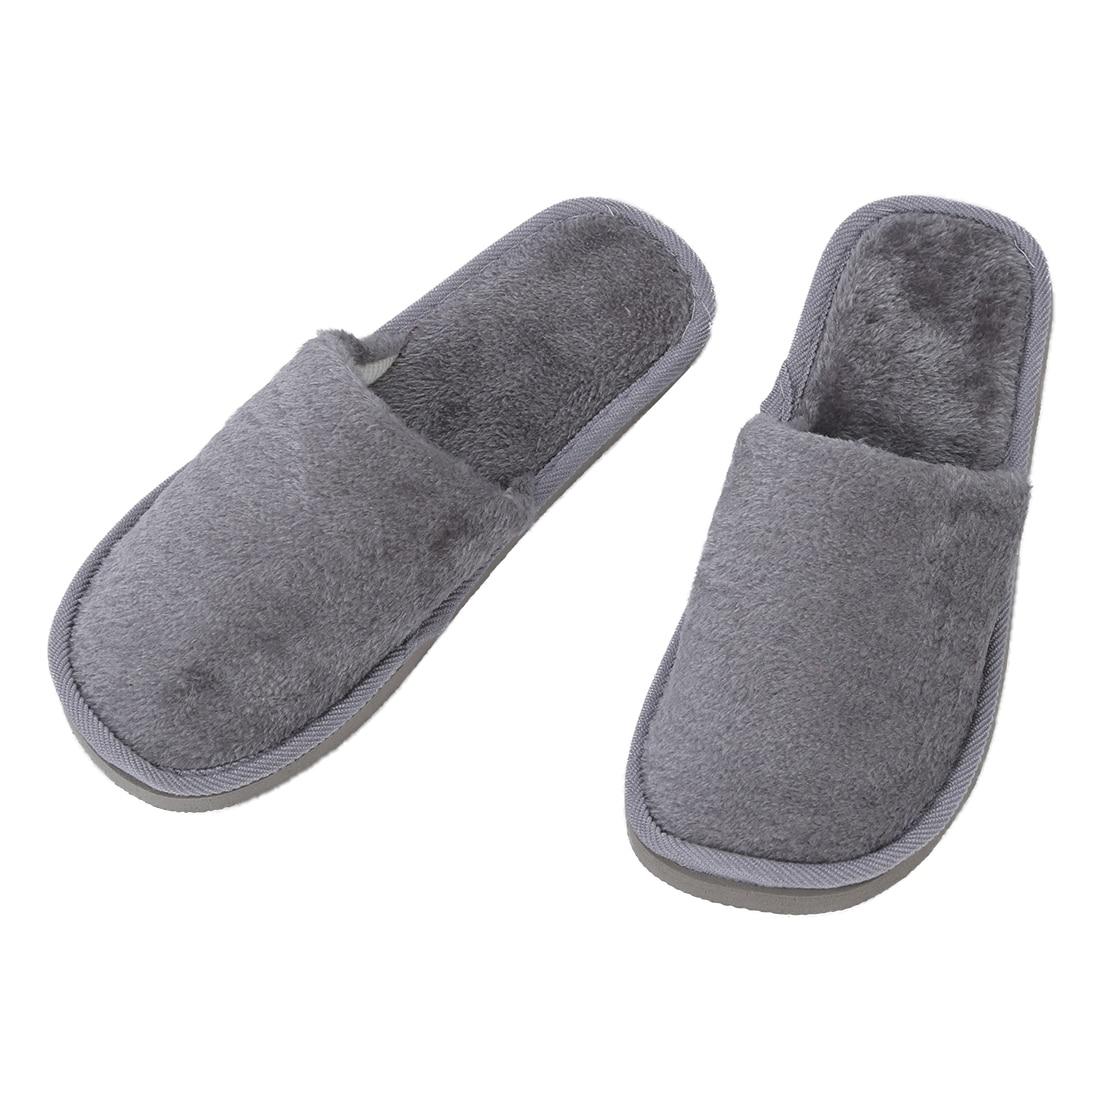 DCOS Uomini Felpe Grigie Casa Morbido Inverno Caldo Pantofole UK 8.5 per I Piedi di Lunghezza 27 centimetri